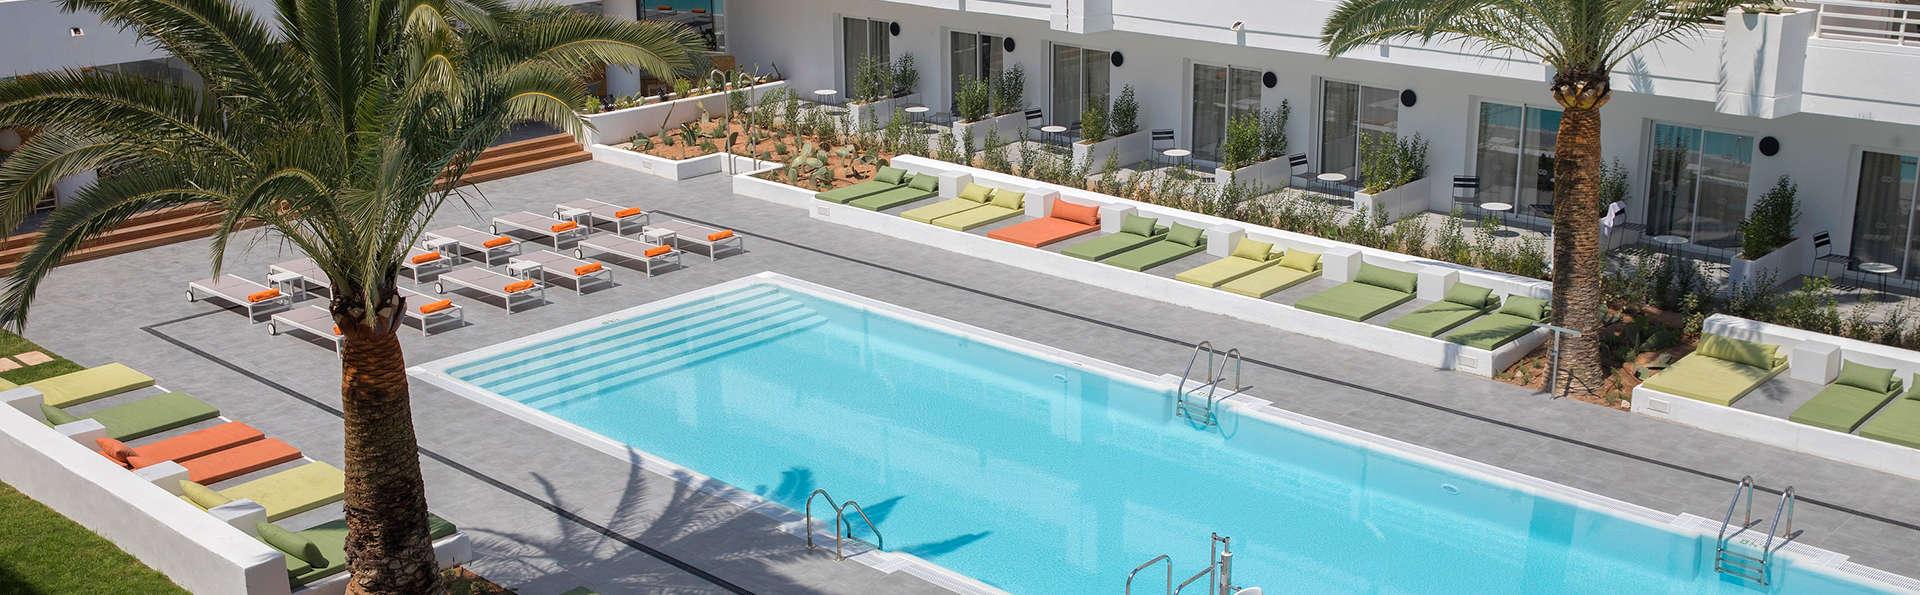 Escapada a Mallorca en apartamento hasta 4 pax en Magaluf